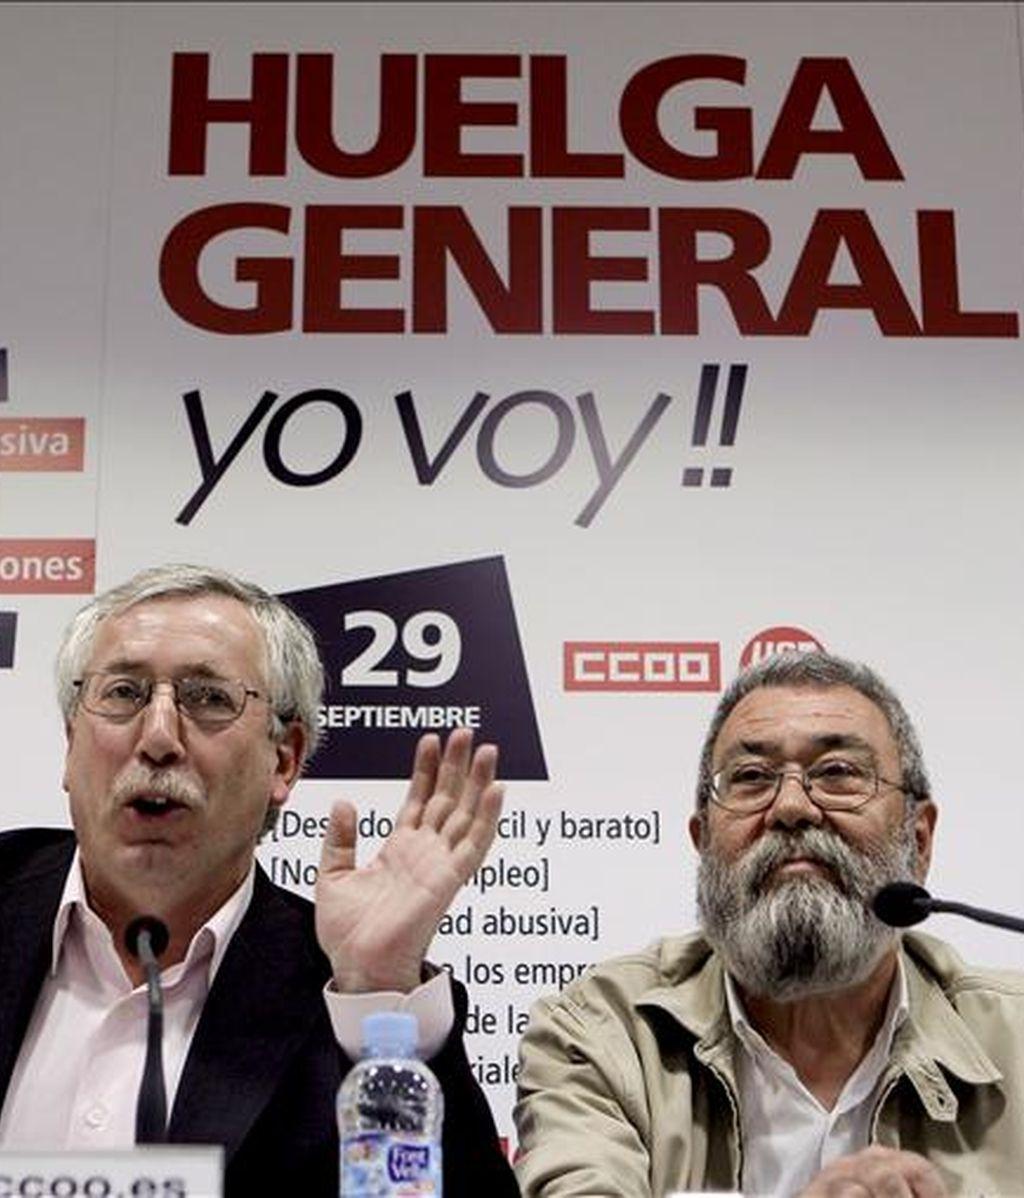 Los secretarios generales de CCOO y UGT, Ignacio Fernández Toxo y Cándido Méndez, ofrecerán hoy en A Coruña una charla conjunta sobre la reforma laboral y los motivos que han llevado a la convocatoria de un huelga general el próximo 29 de septiembre. EFE/Archivo